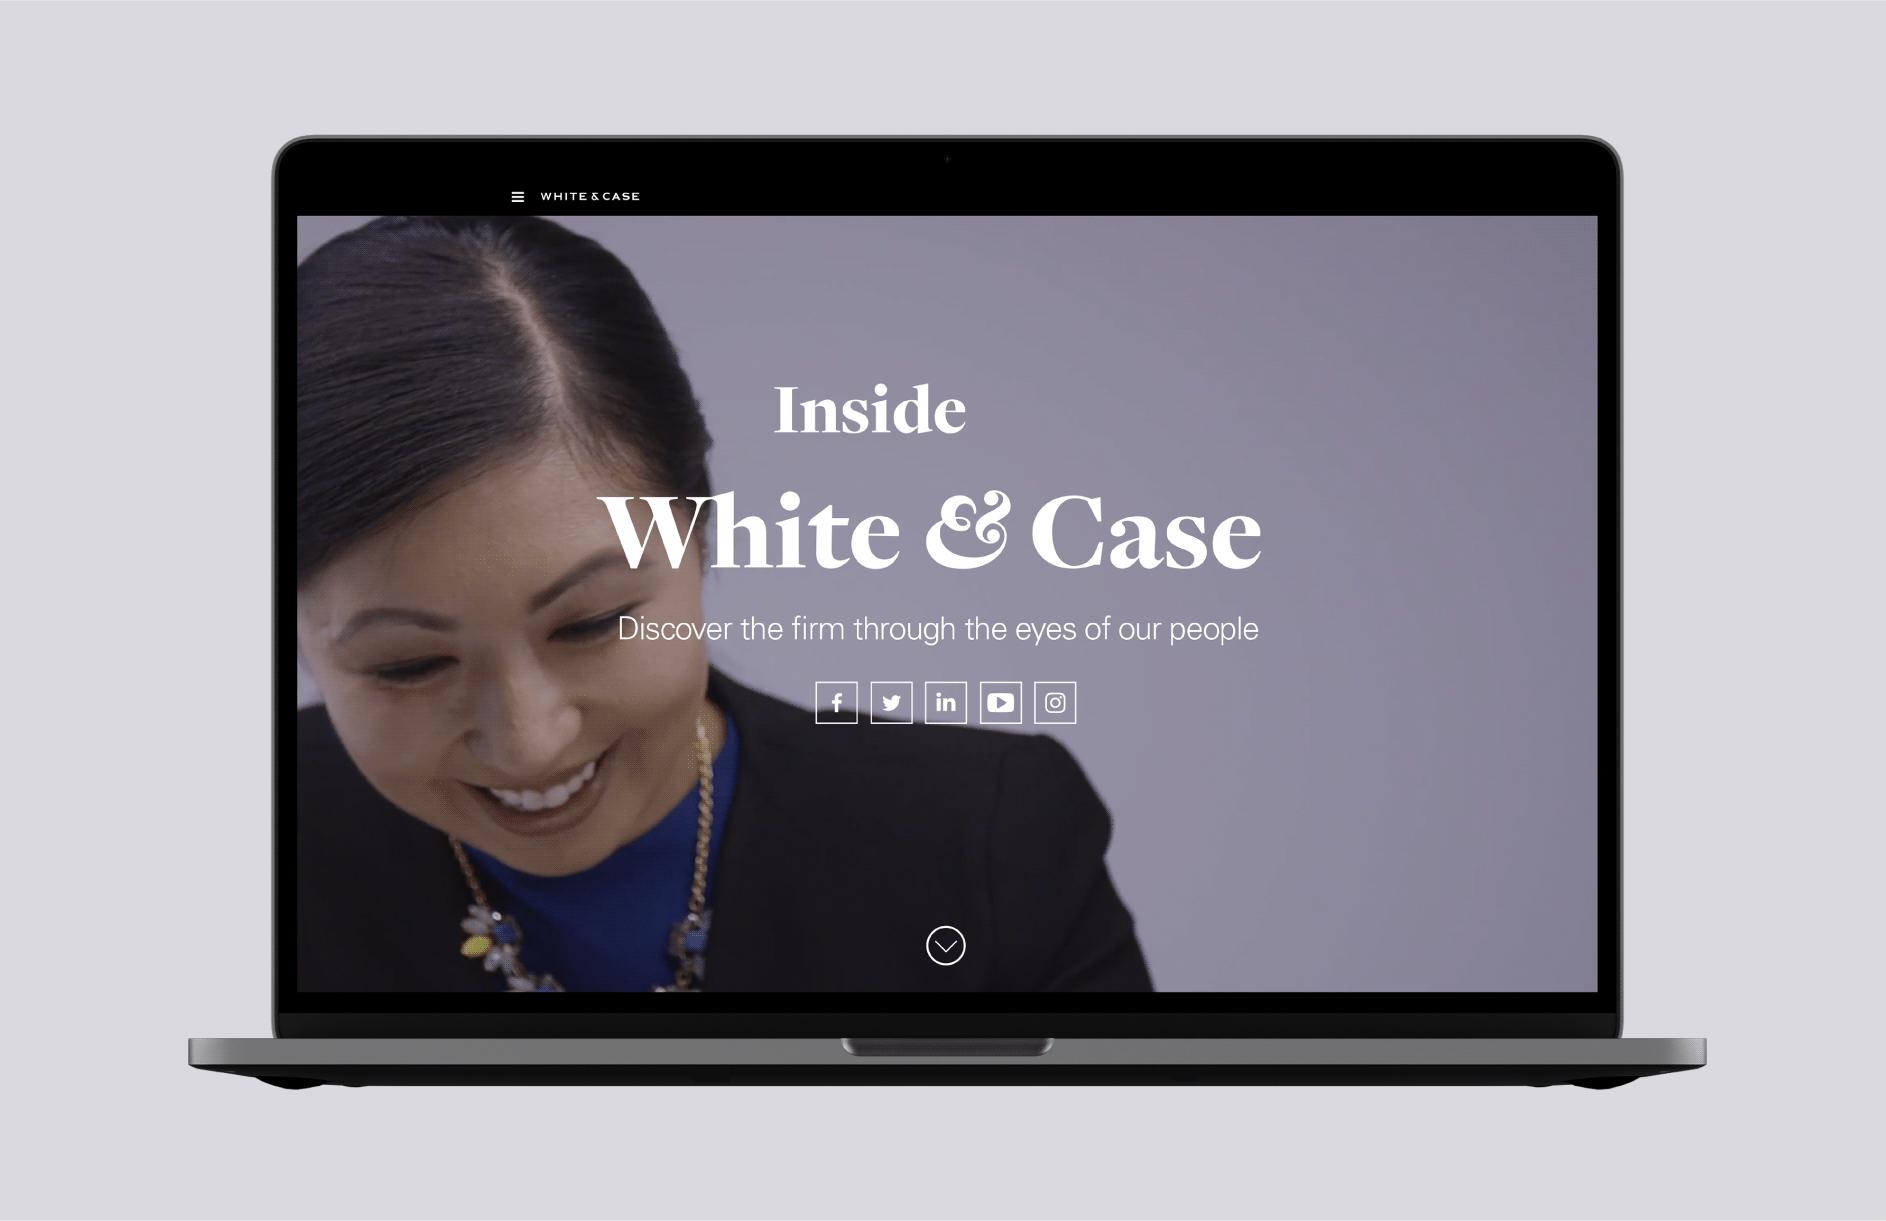 White & Case / Inside White & Case